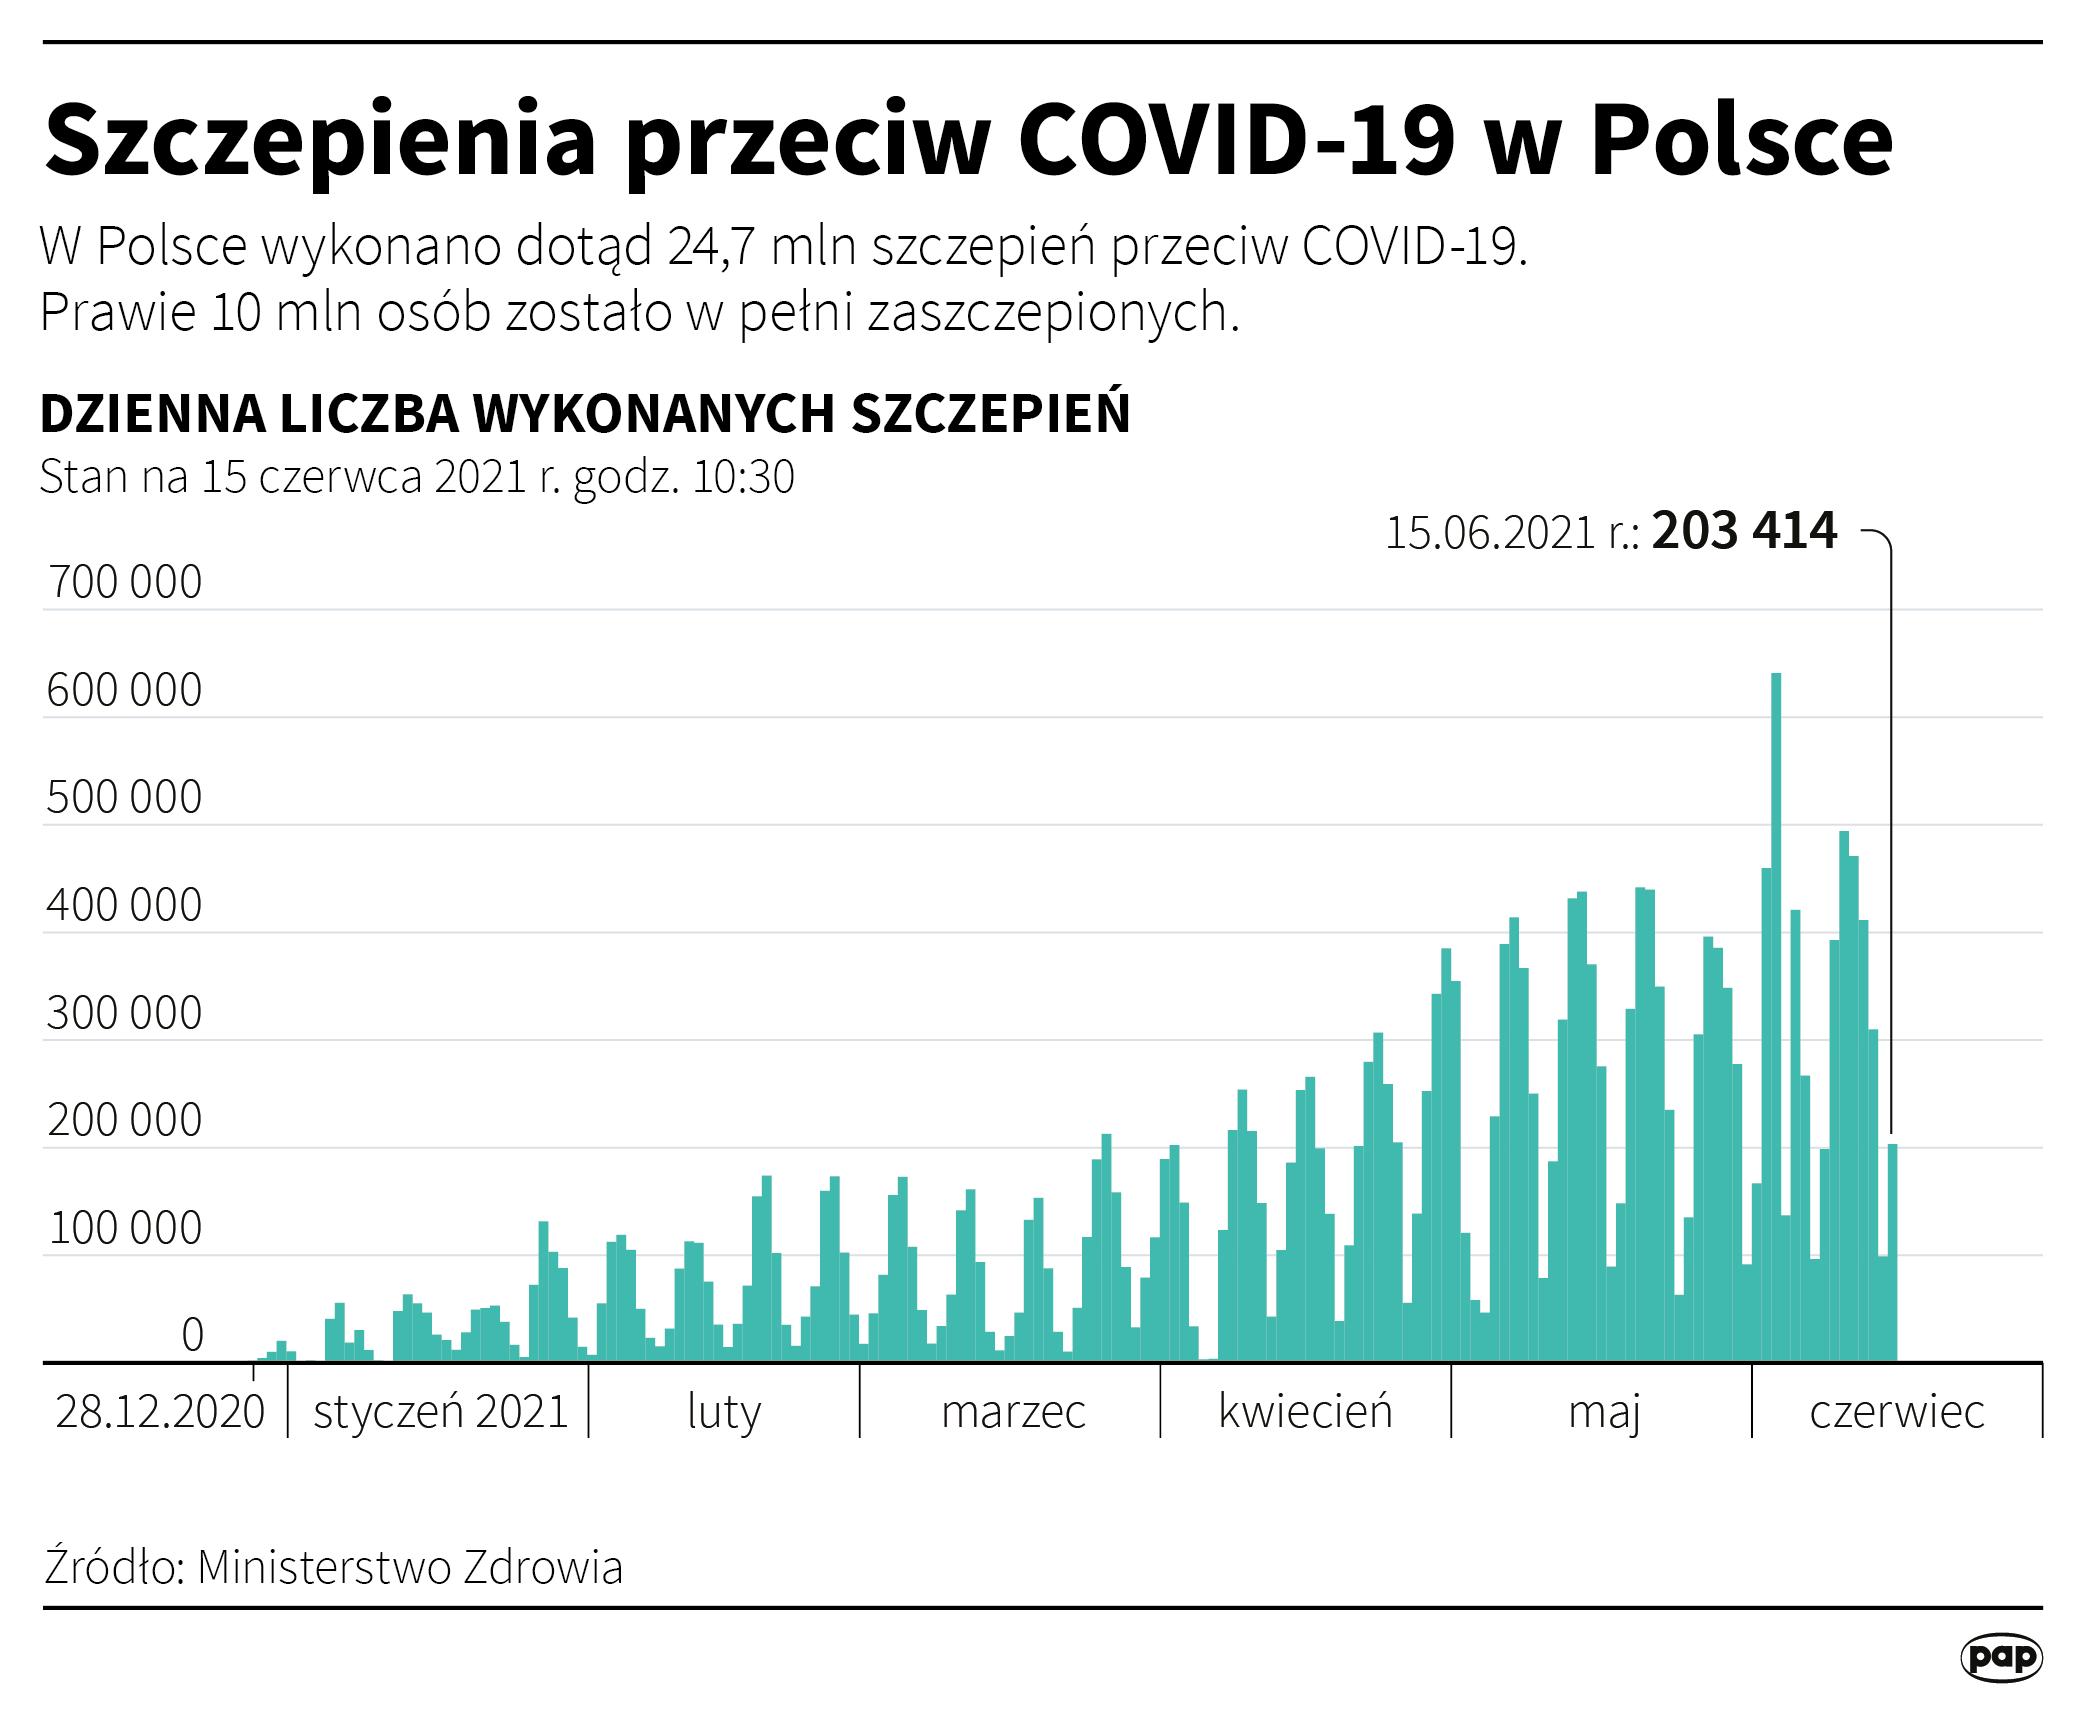 Szczepienia przeciw COVID-19 w Polsce [Autor: Adam Ziemienowicz, źródło: PAP]